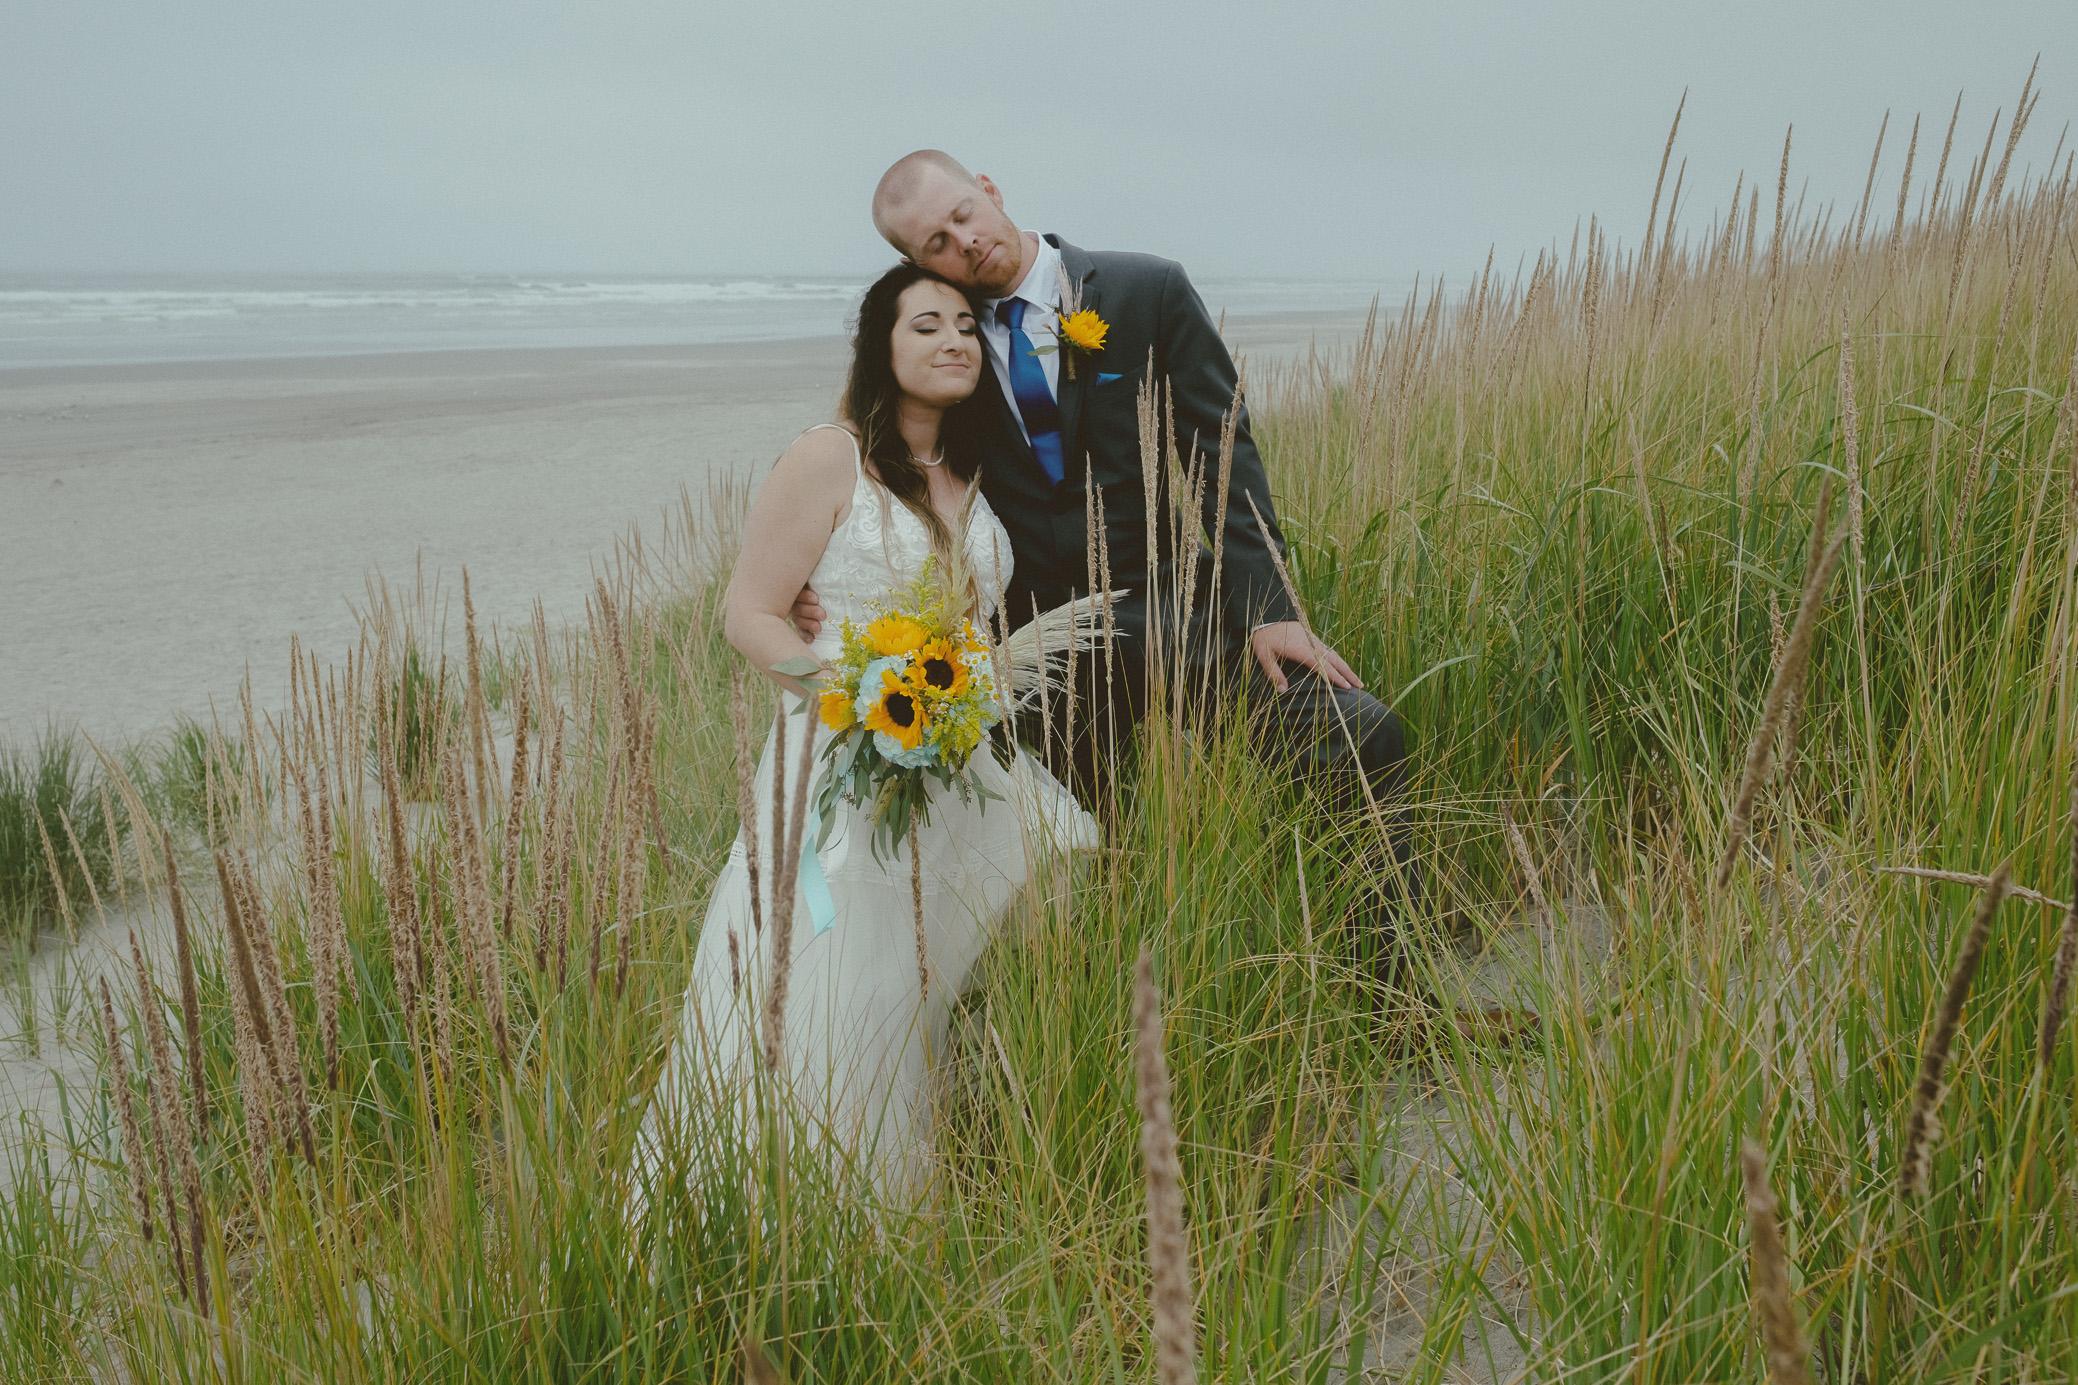 Astoria Oregon Cannon Beach Sunset Beach Wedding Elopement Photography